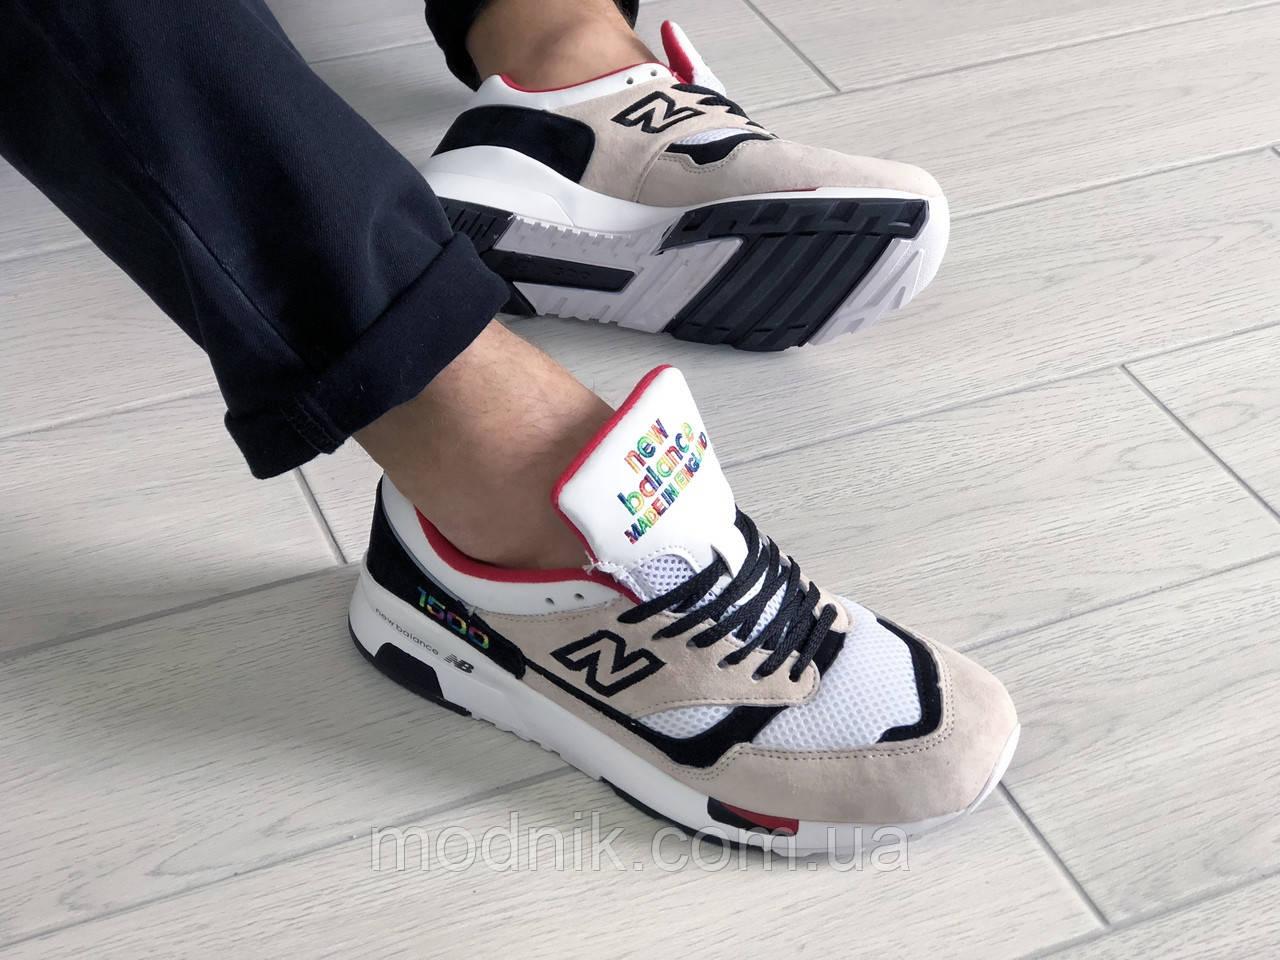 Мужские кроссовки New Balance 1500 ВЕЛИКОБРИТАНИЯ (бежево-белые с красным) 9110